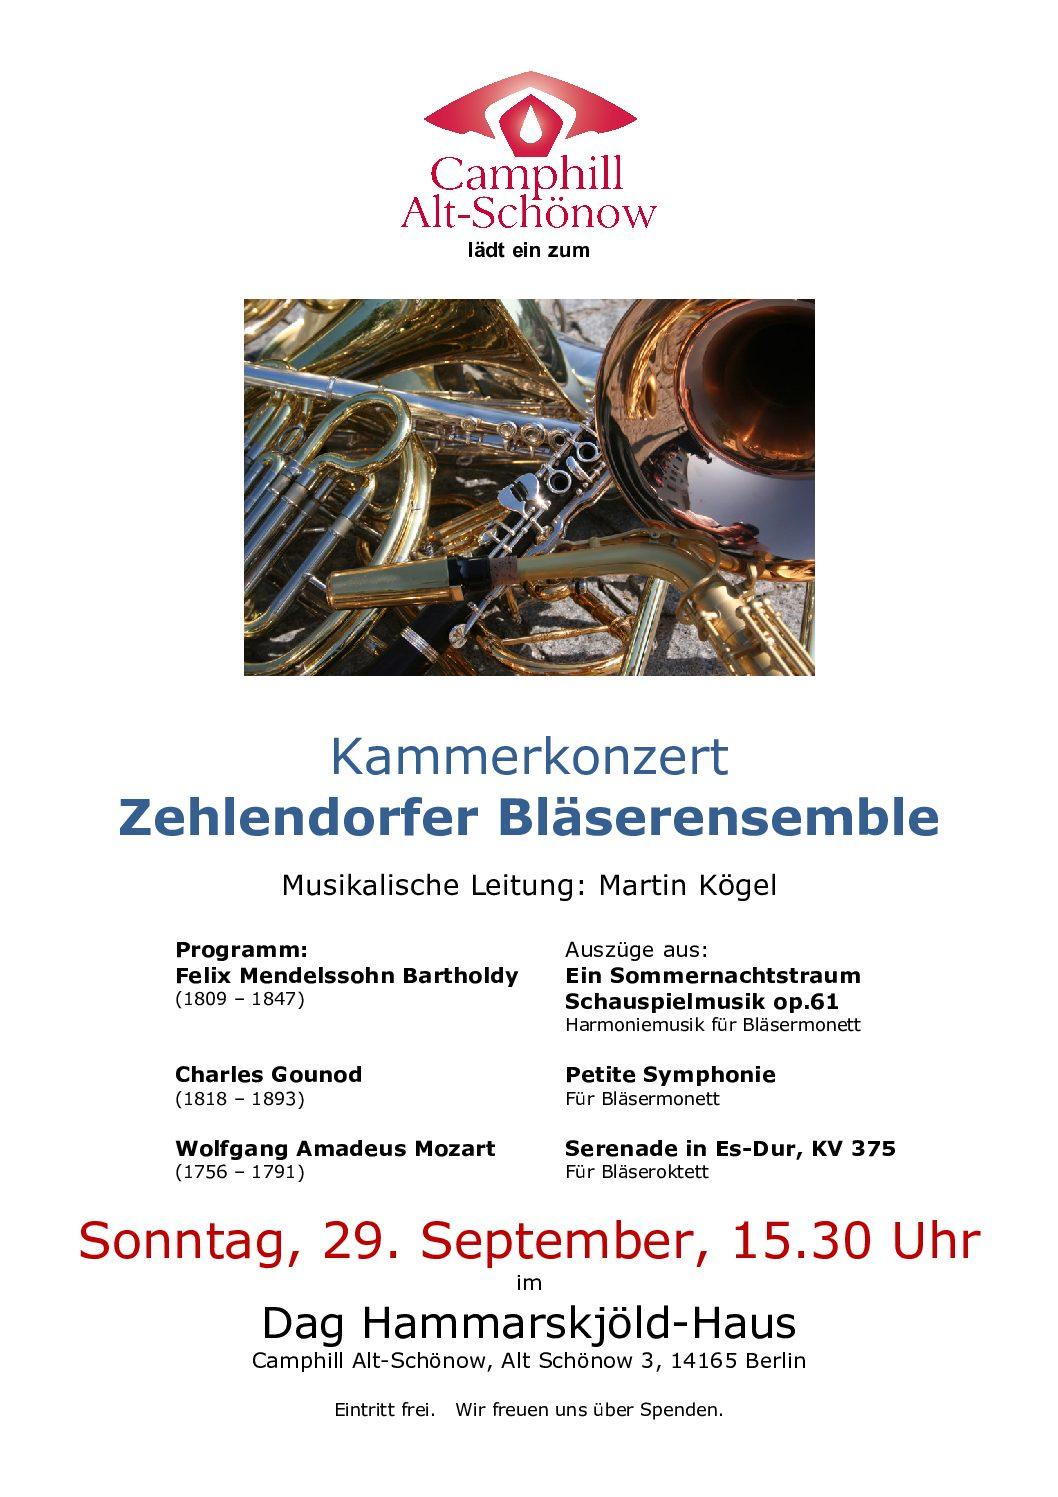 Kammerkonzert mit dem Zehlendorfer Bläserensemble